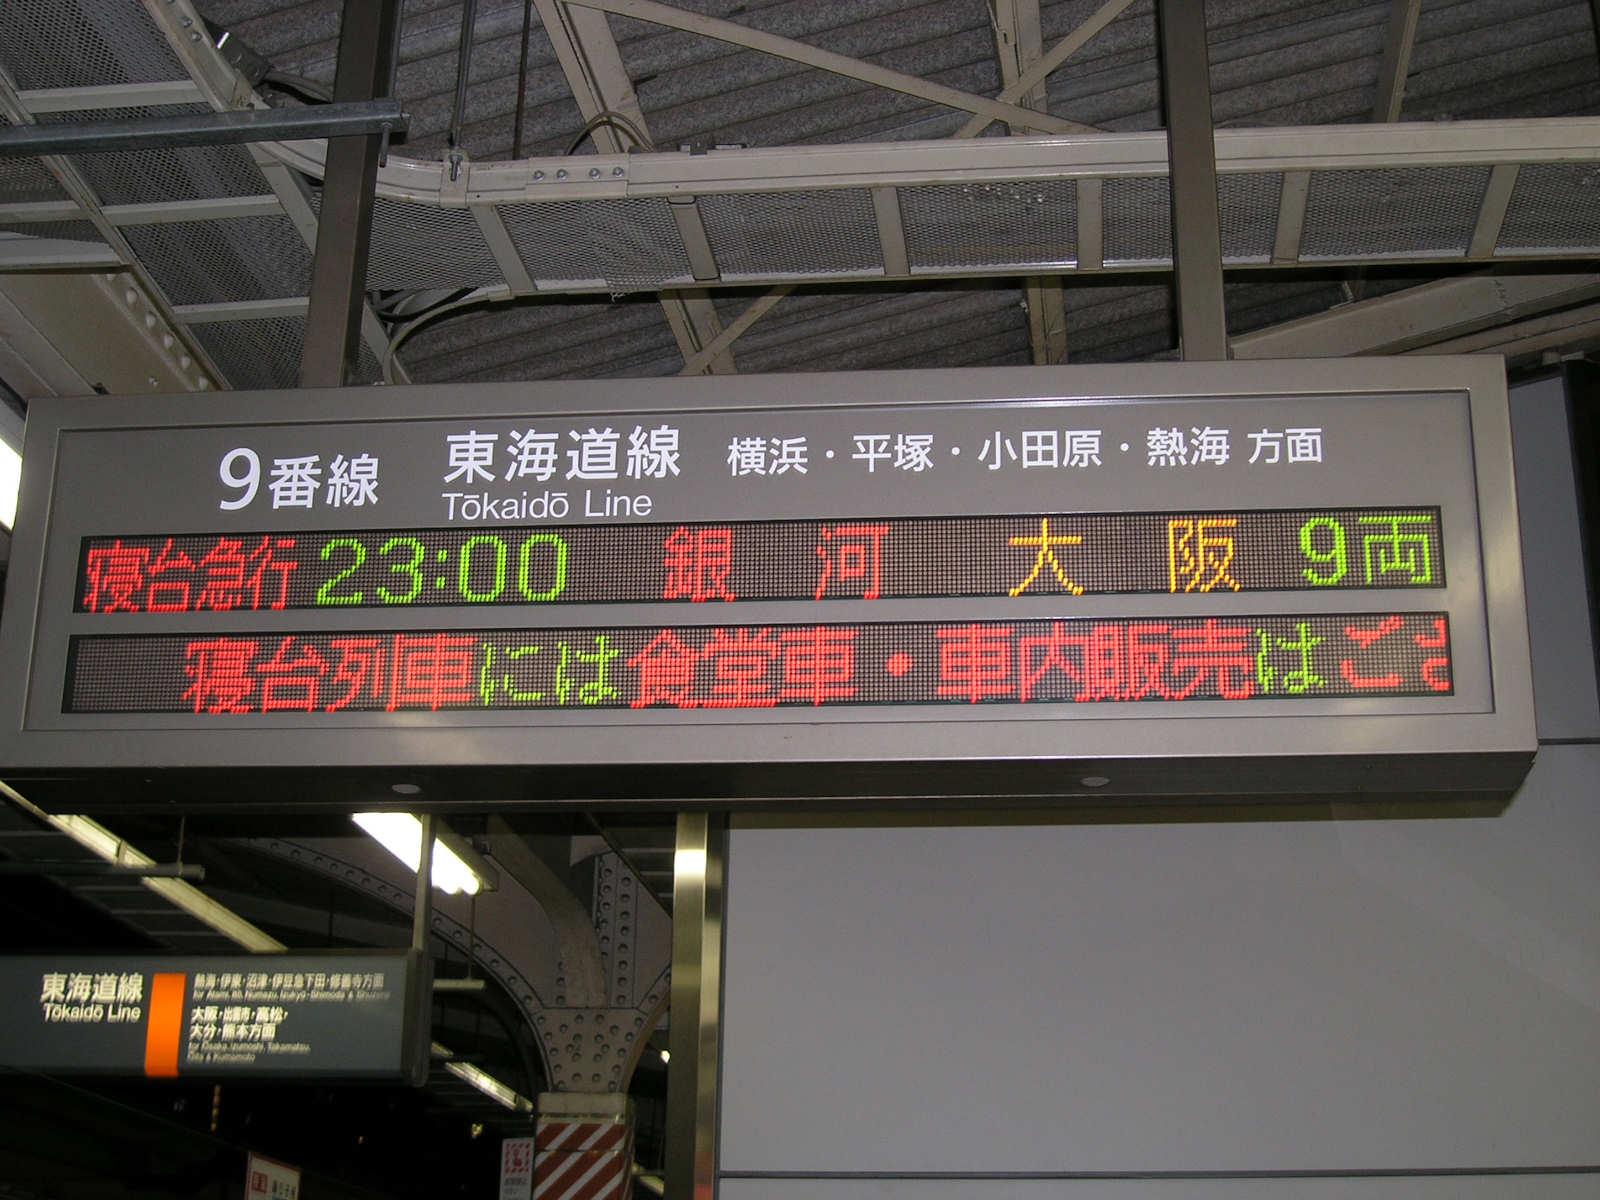 寝台急行銀河号の東京駅出発案内板(JPG-217k)